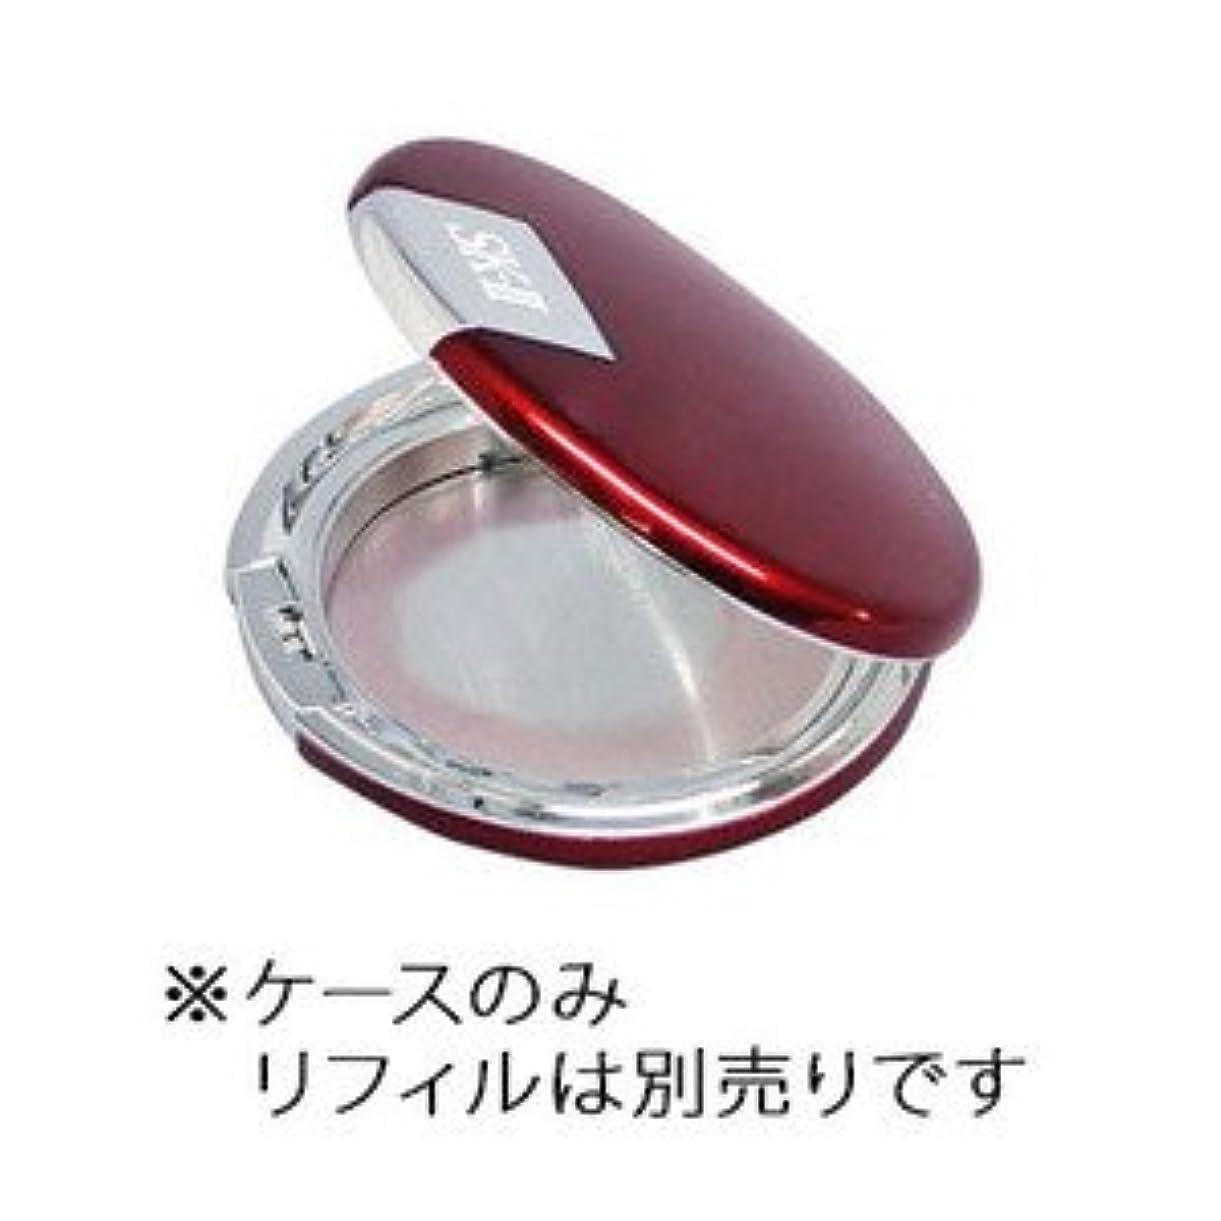 花瓶大事にする限定SK-Ⅱ コンパクト フォア プレストパウダー (レッド)